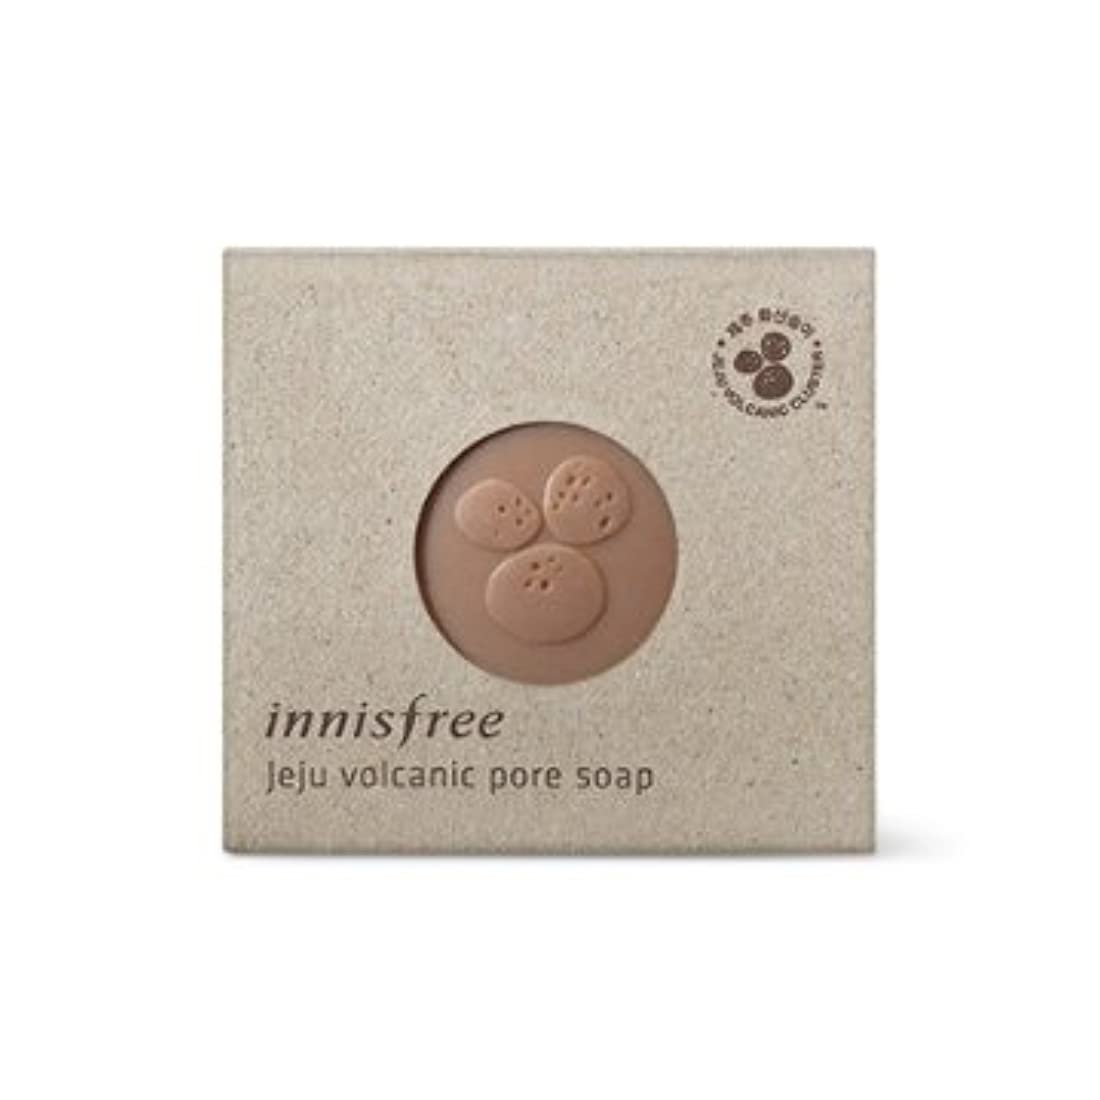 スカルクセットアップ珍味【イニスフリー】Innisfree jeju volcanic pore soap - 100g (韓国直送品) (SHOPPINGINSTAGRAM)